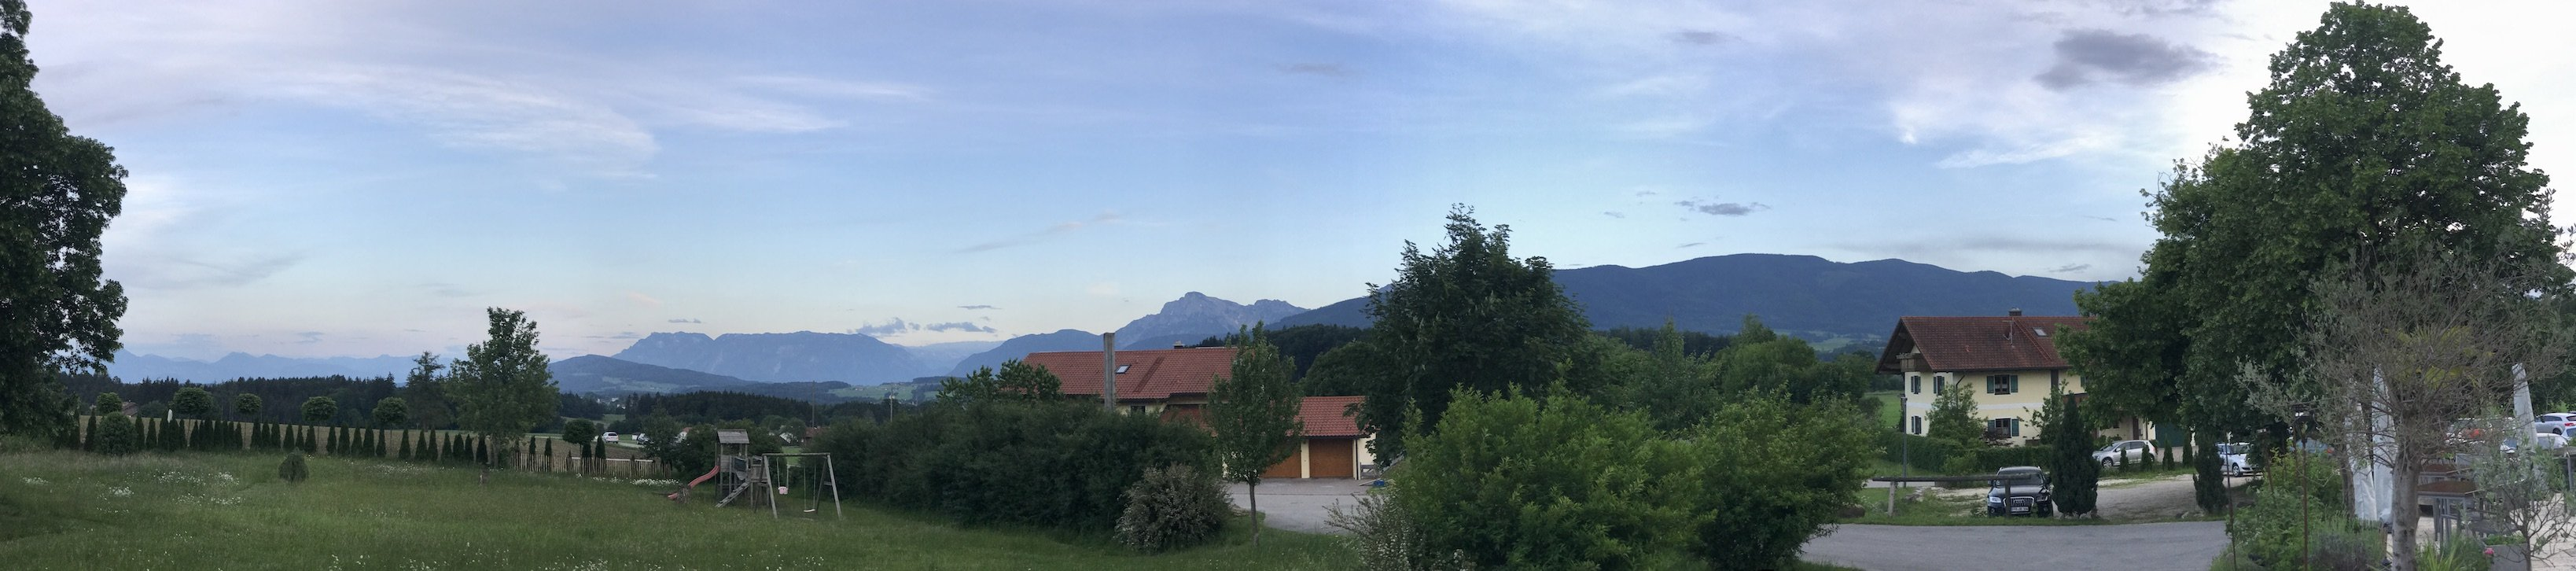 Bergpanorama vor dem GUT EDERMANN - einfach herrlich, oder?